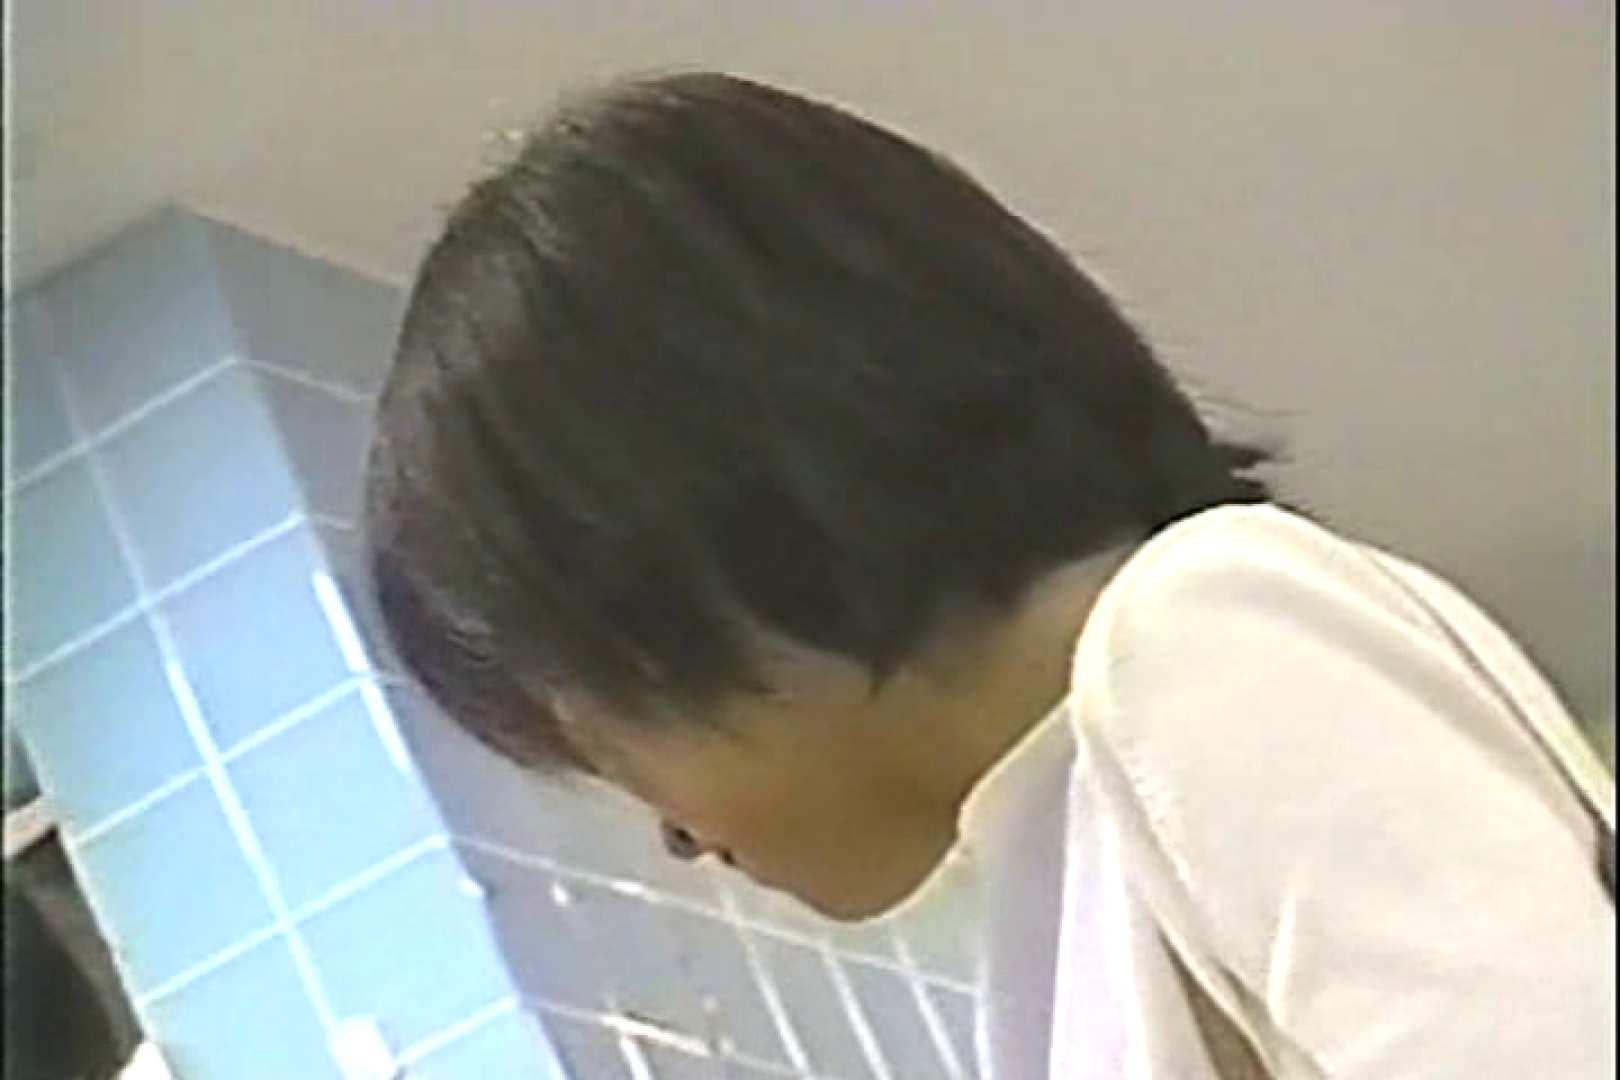 「ちくりん」さんのオリジナル未編集パンチラVol.3_01 パンチラ放出 のぞき動画画像 103pic 45